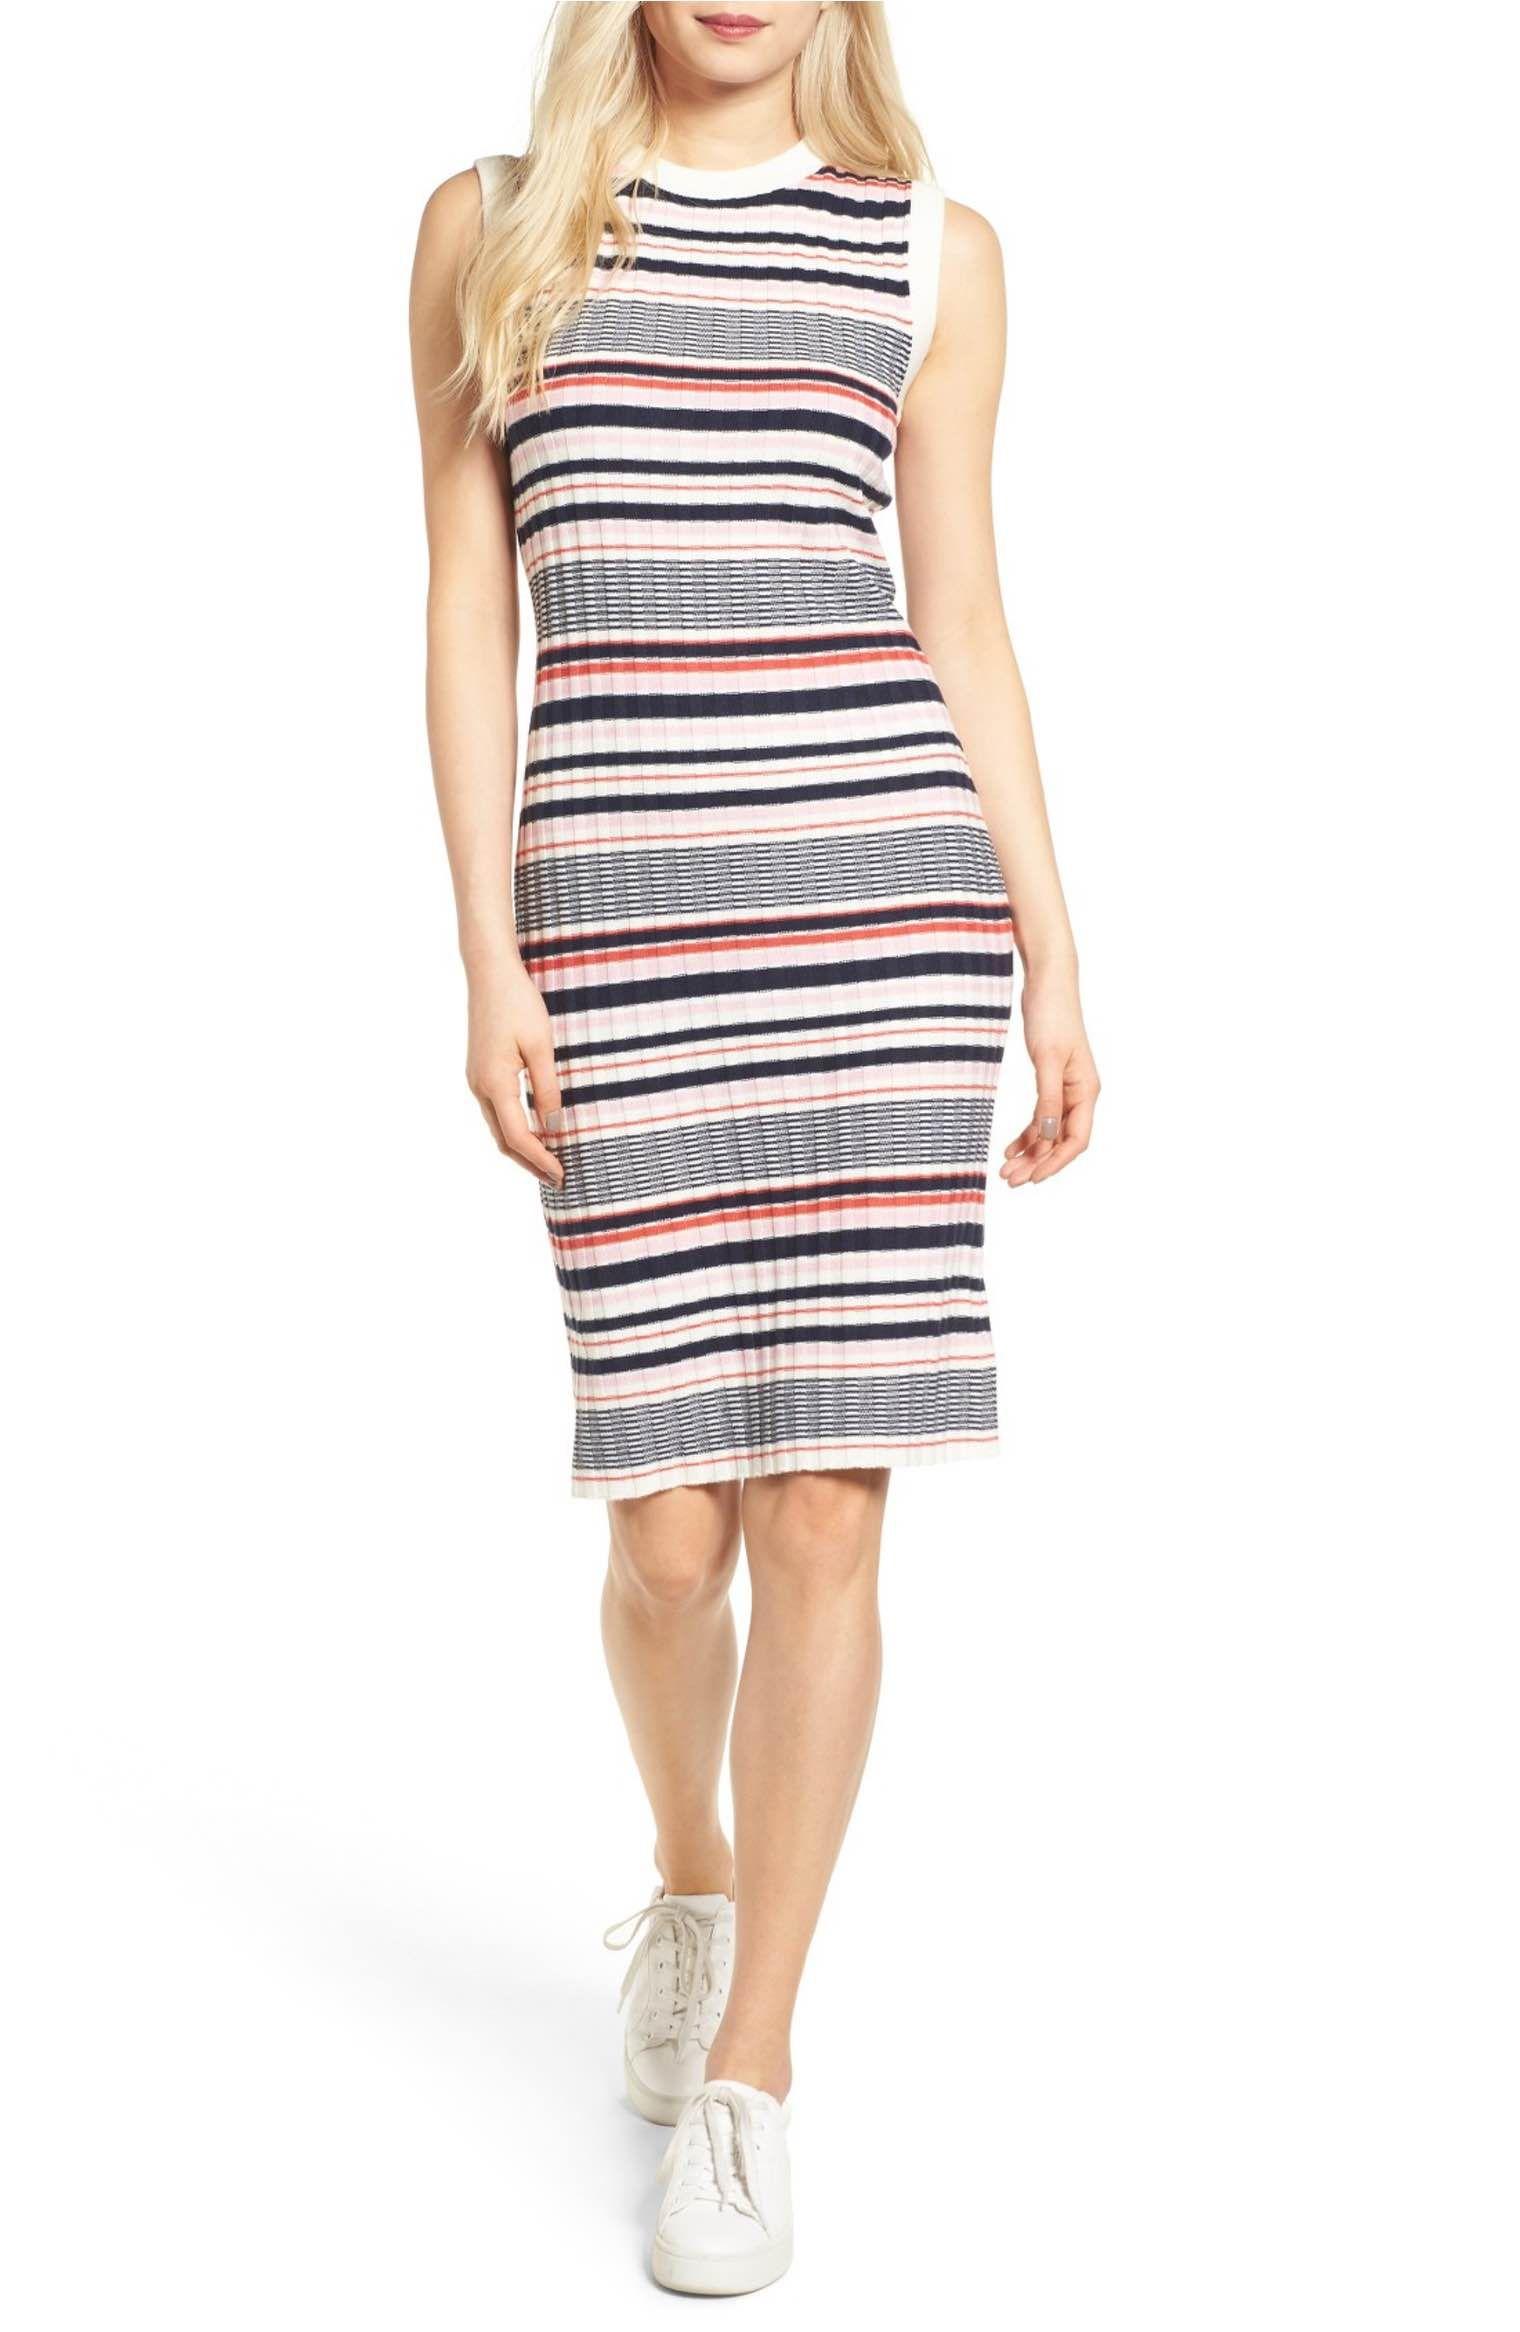 Cupcakes And Cashmere Walton Stripe Knit Dress Nordstrom Striped Knit Dress Knit Dress Striped Knit [ 2332 x 1520 Pixel ]